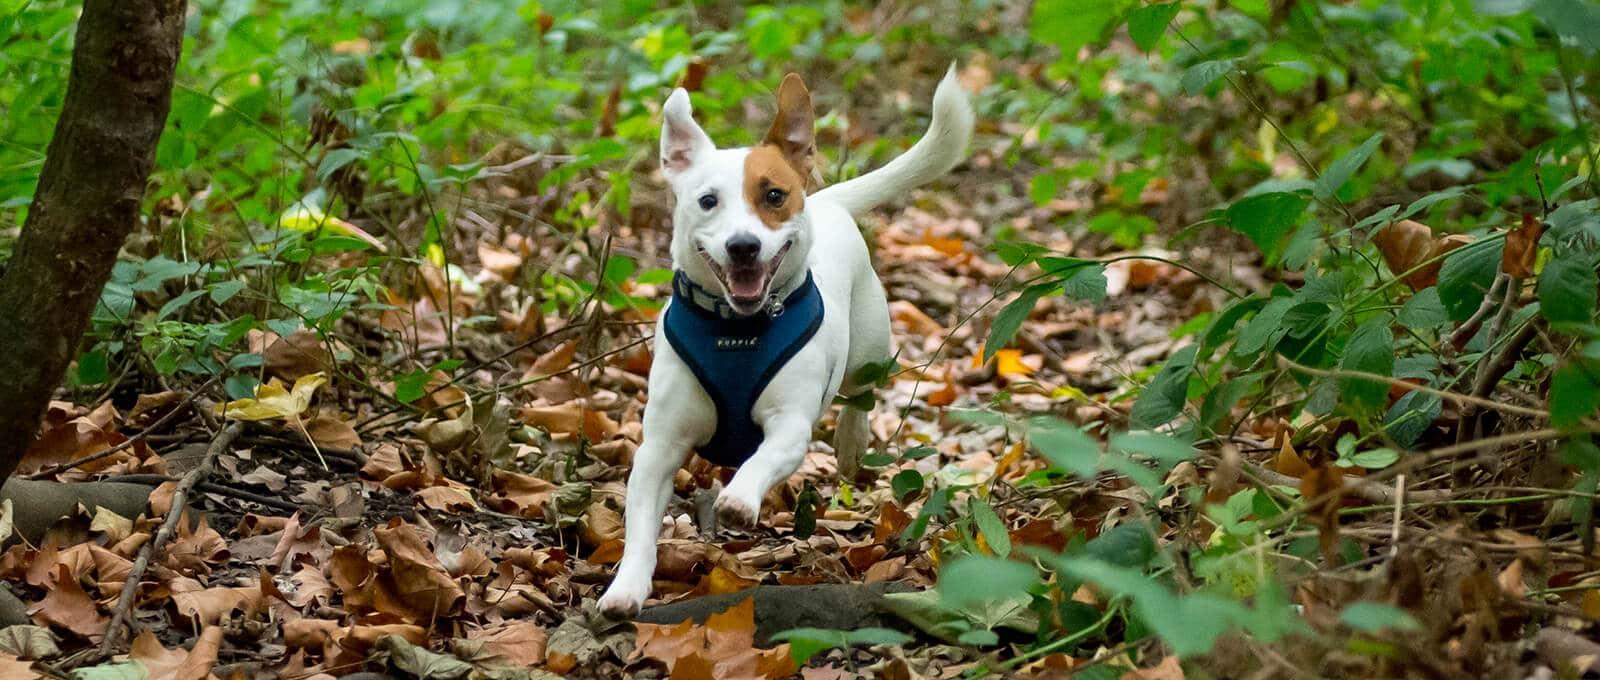 Canine Pawtonomy